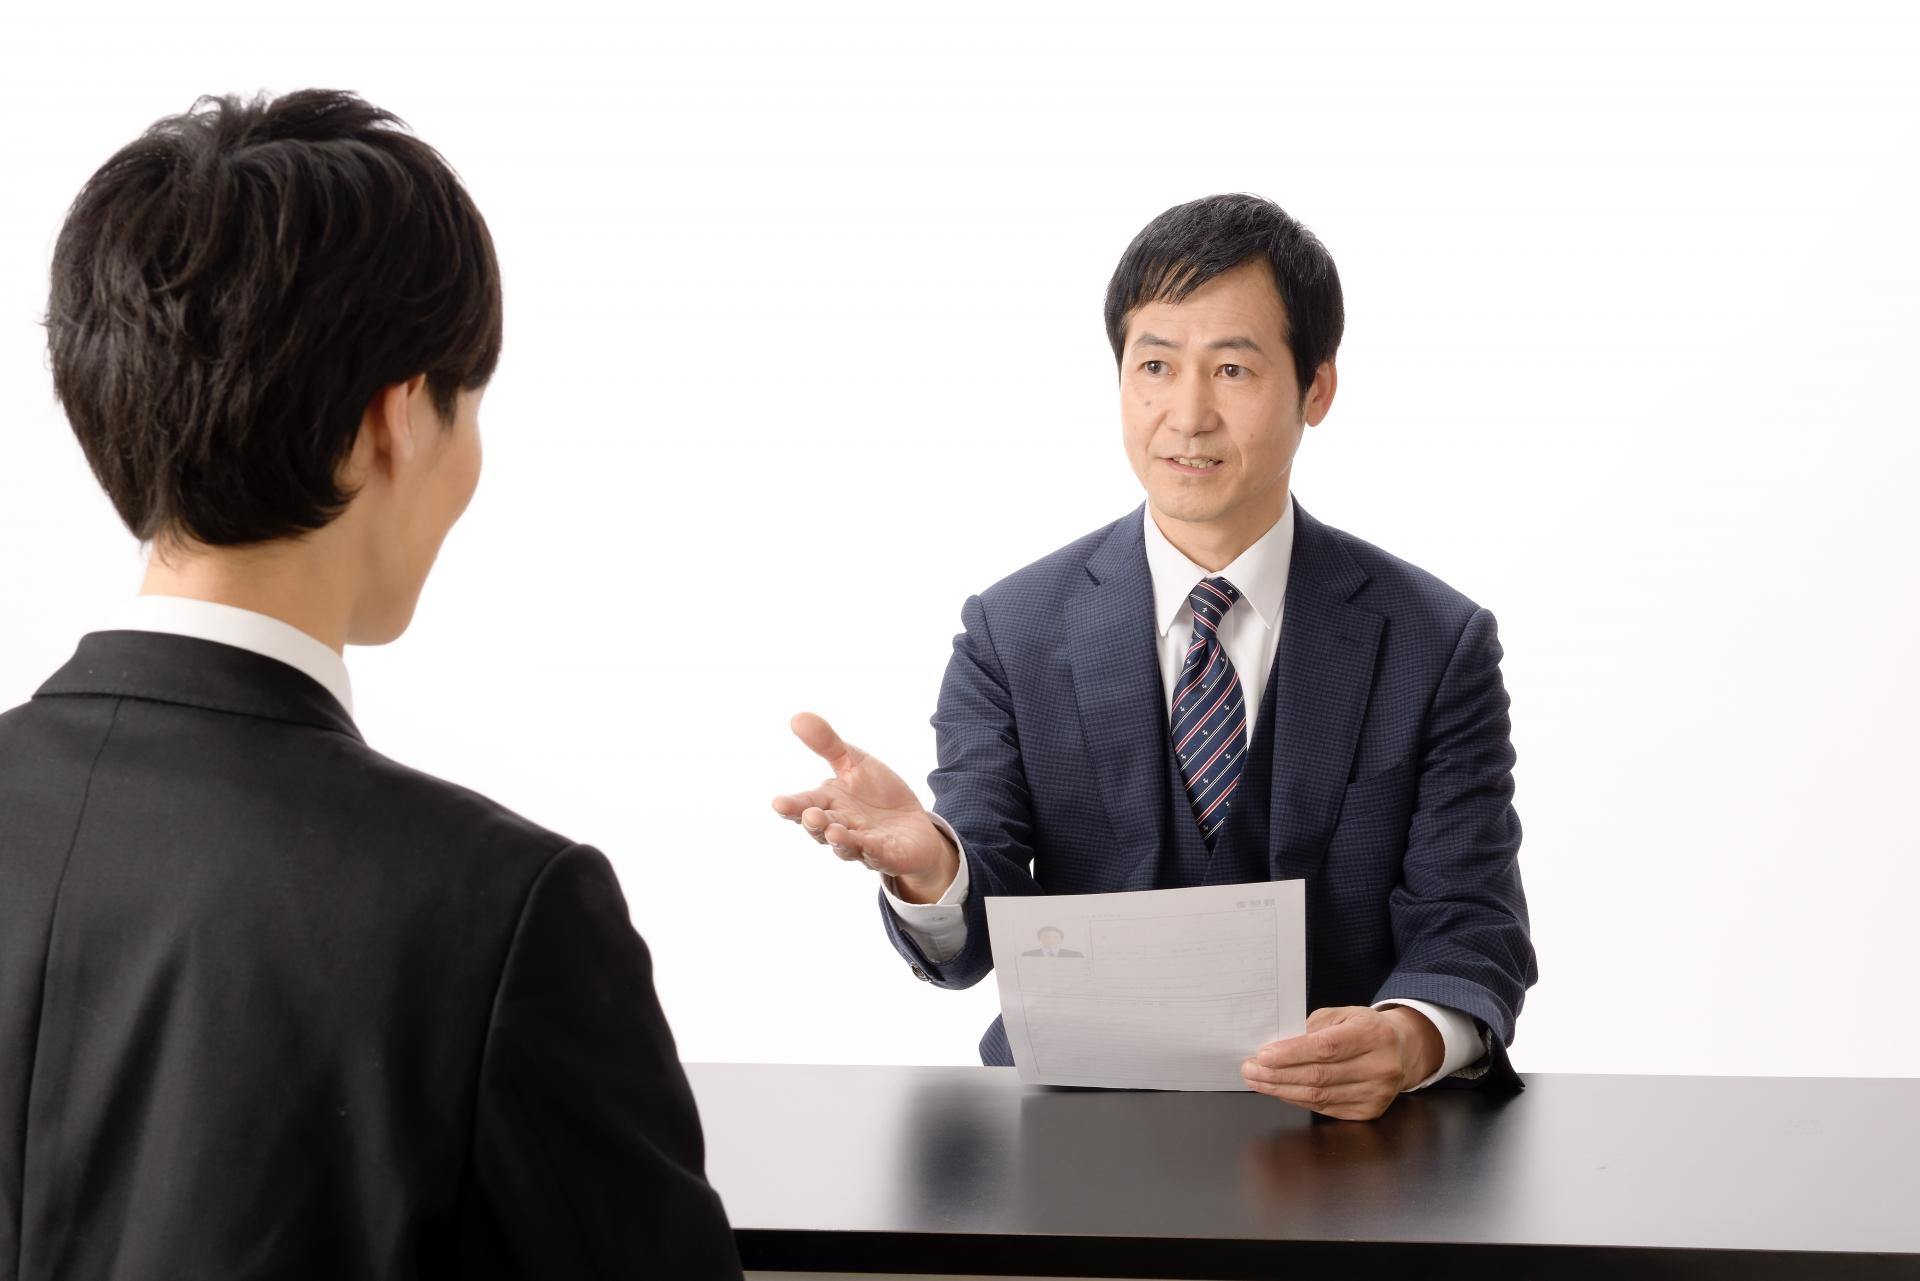 同業他社への転職を成功させるポイント。面接での注意点を解説。